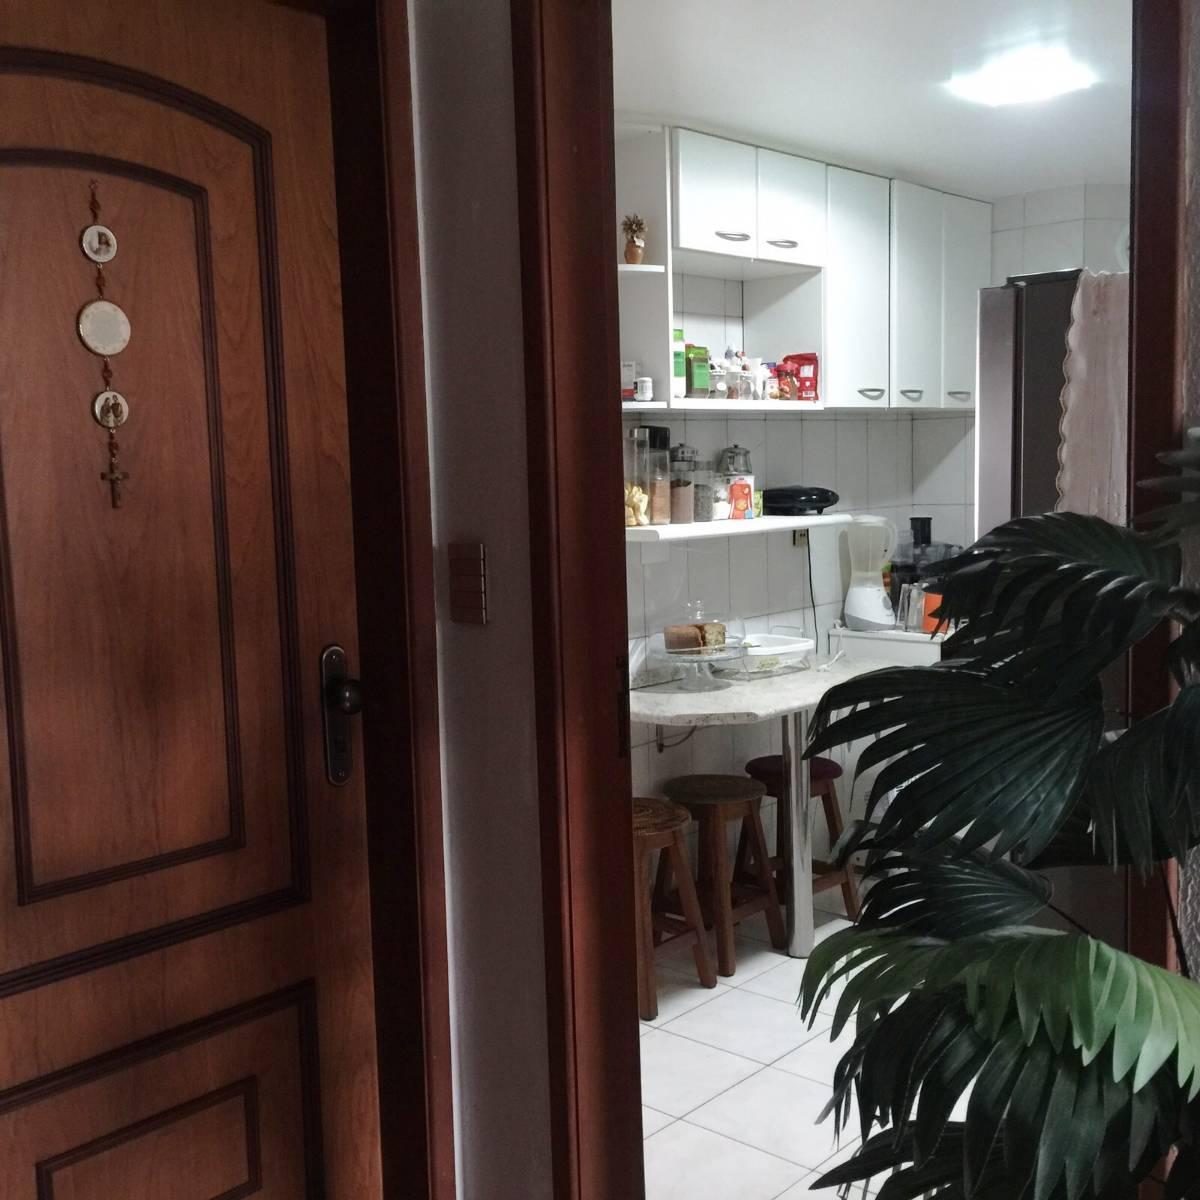 #62392D Apartamento à venda com 3 Quartos Costa Azul Salvador R$ 317.000  1200x1200 px Banheiro Do Parque Costa Azul 3345